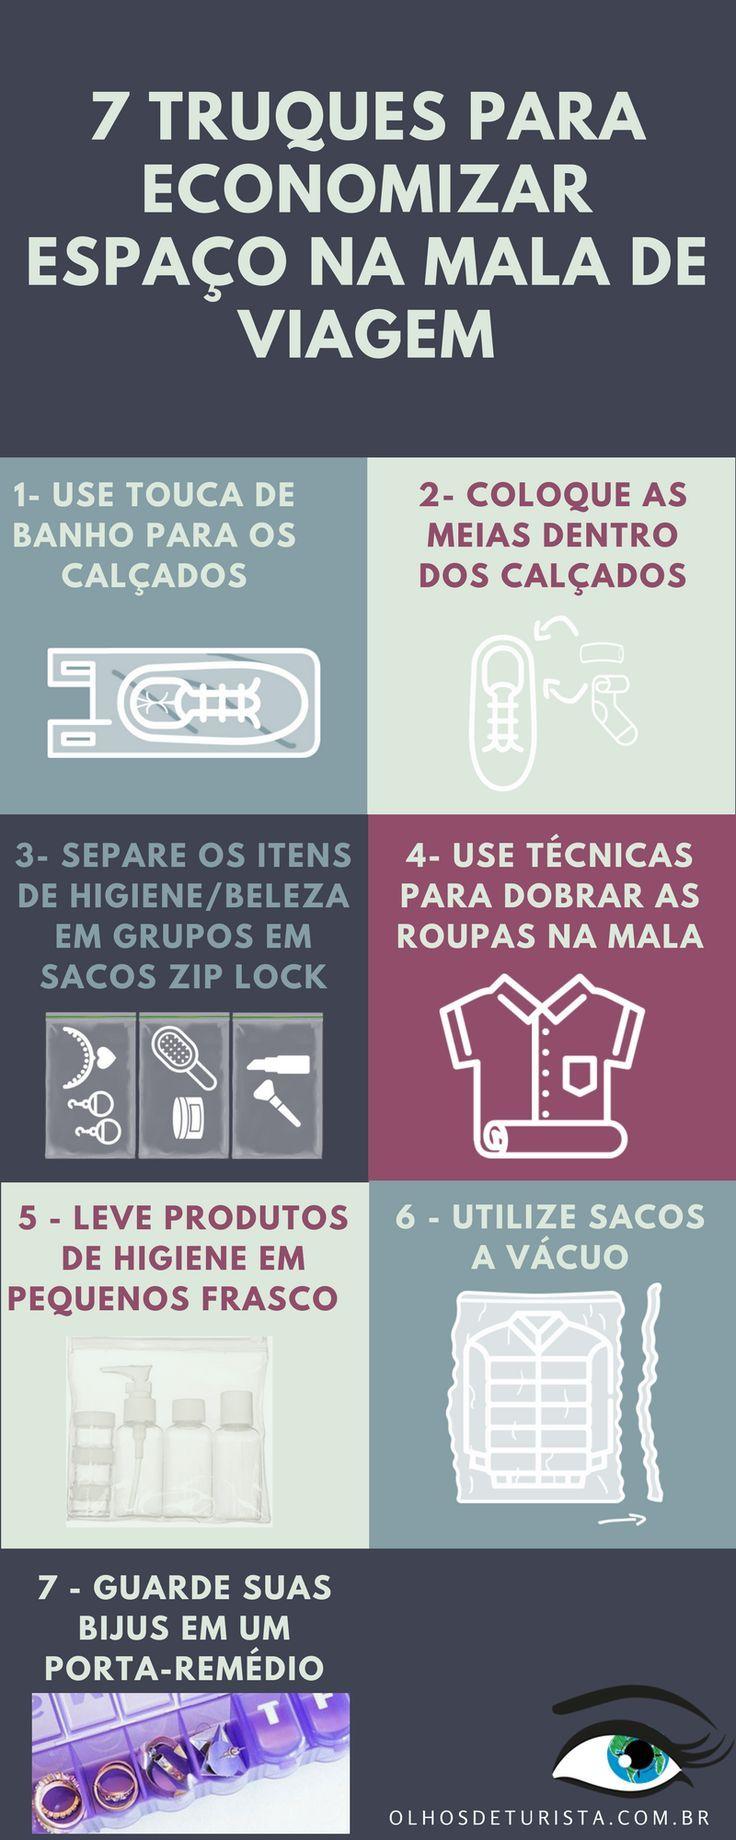 Confira no link alguns truques para economizar espaço na mala / mochilão de viagem! Melhores maneiras de ganhar espaço na bagagem! =)